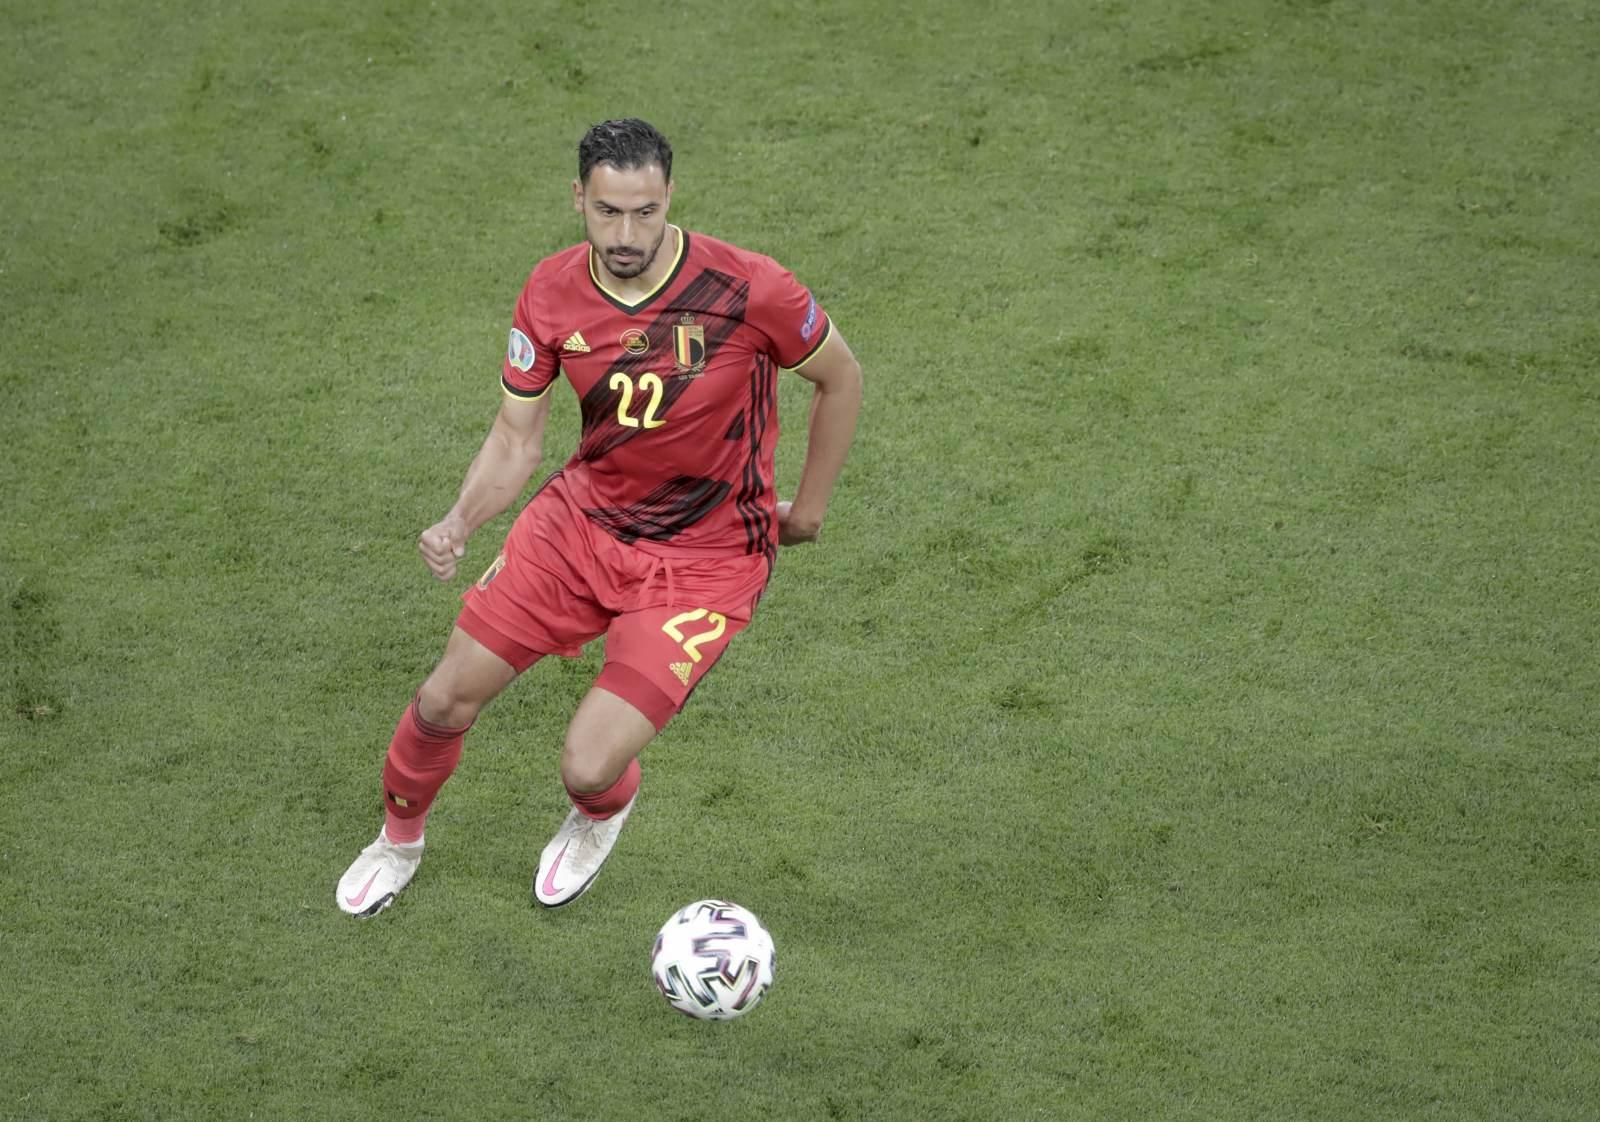 Шадли получил травму в матче со сборной Италии, проведя на поле несколько минут